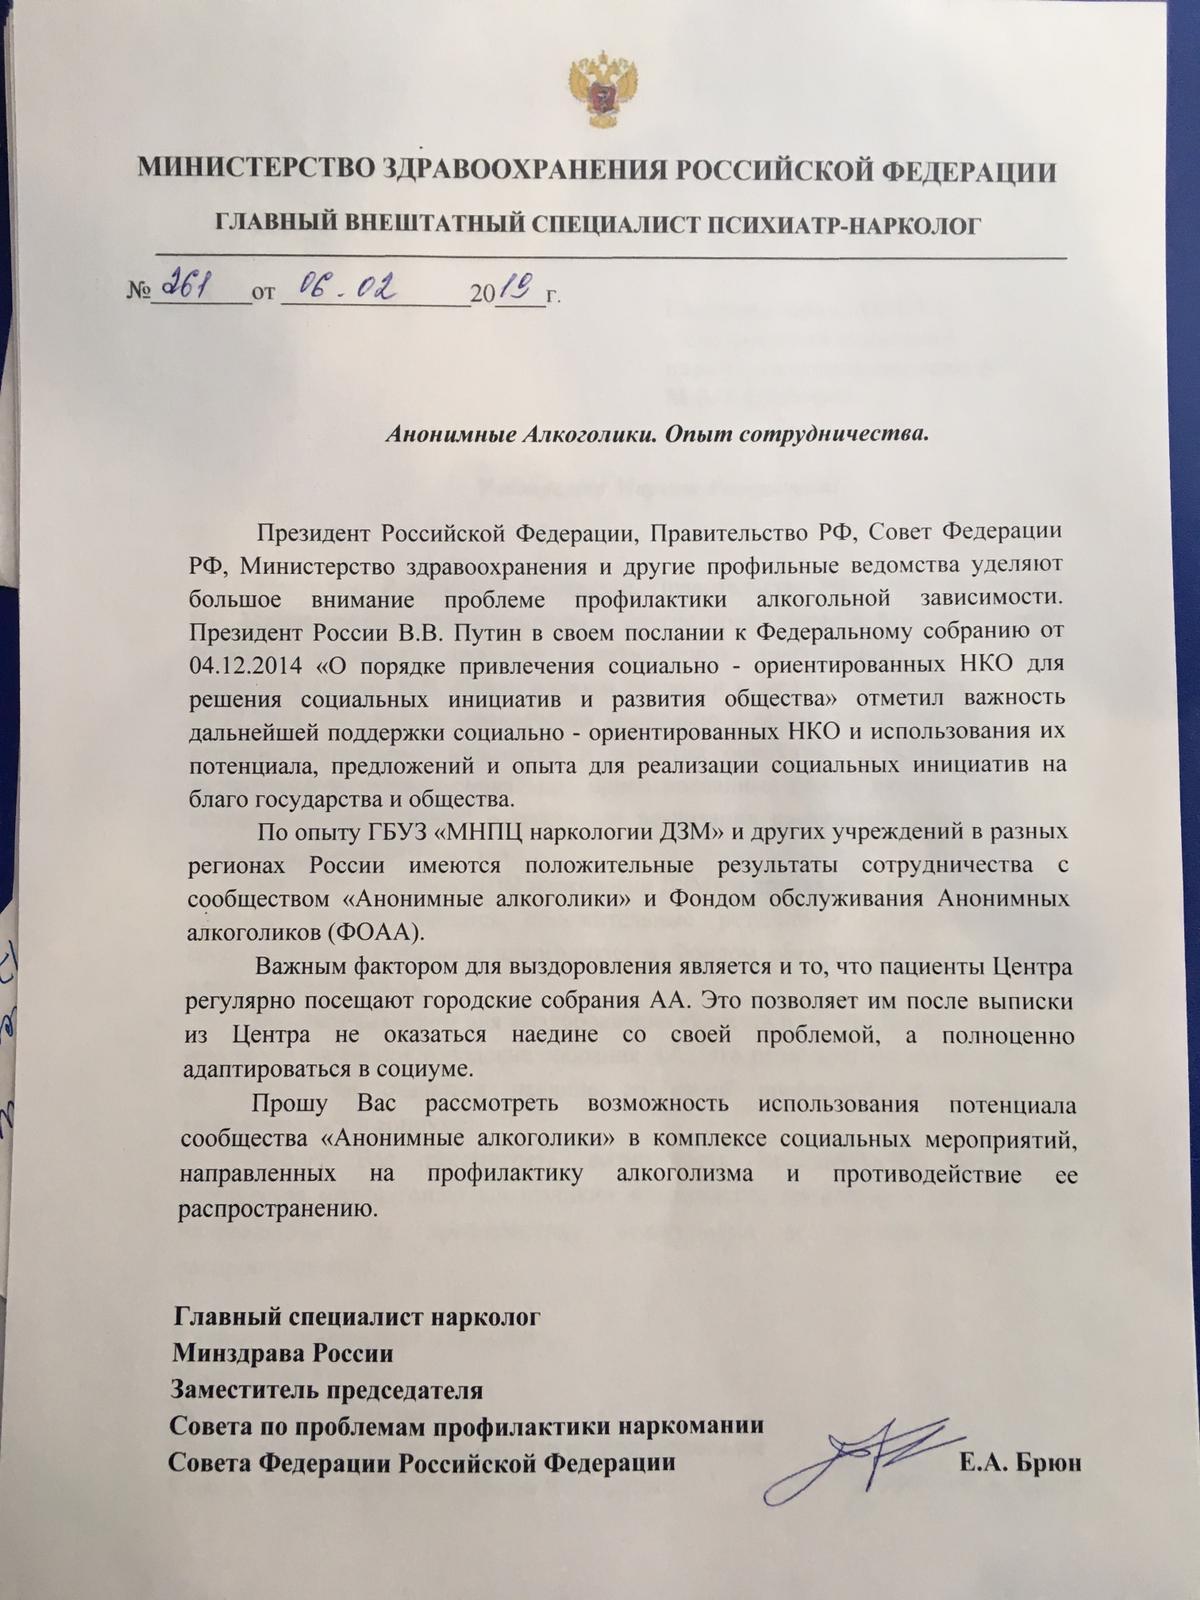 Письмо министерство здравоохранения РФ  от 06.02.2019